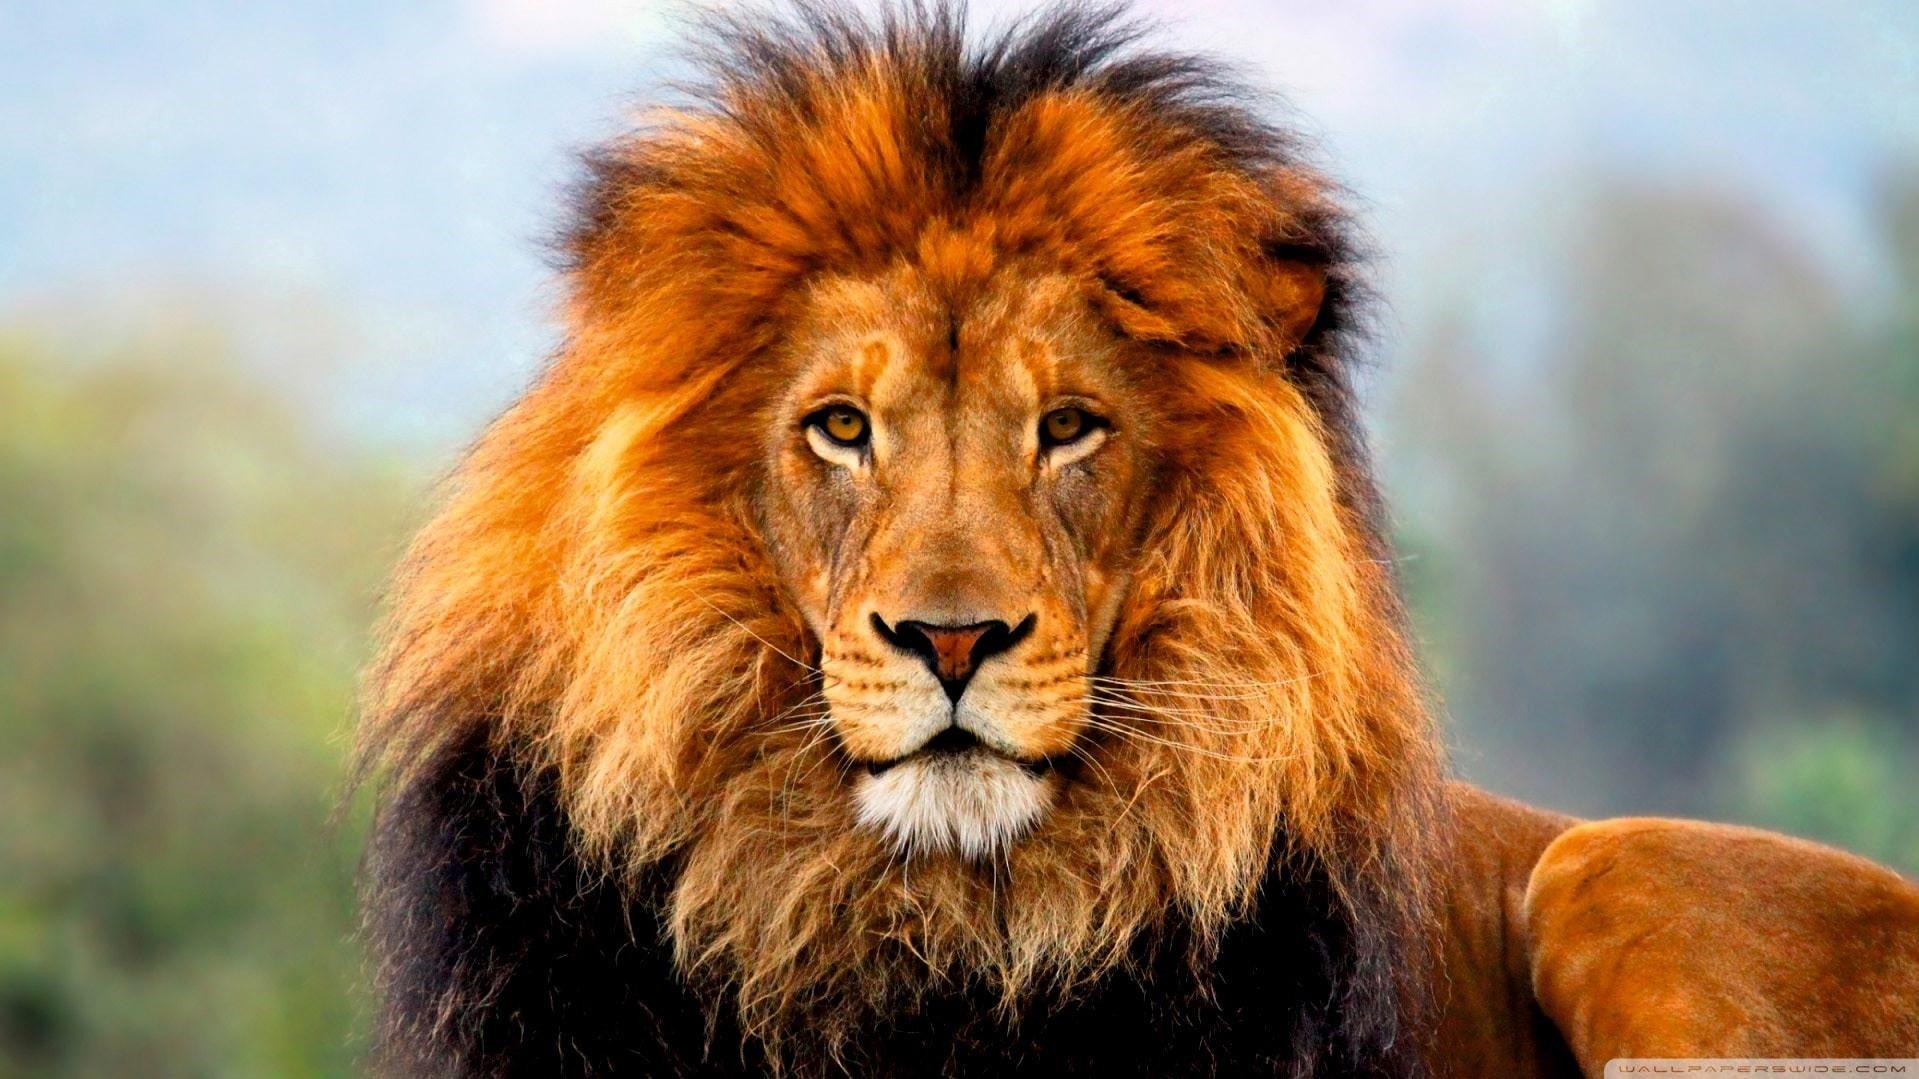 Sfondi desktop in hd gratis da scaricare for Sfondi leone